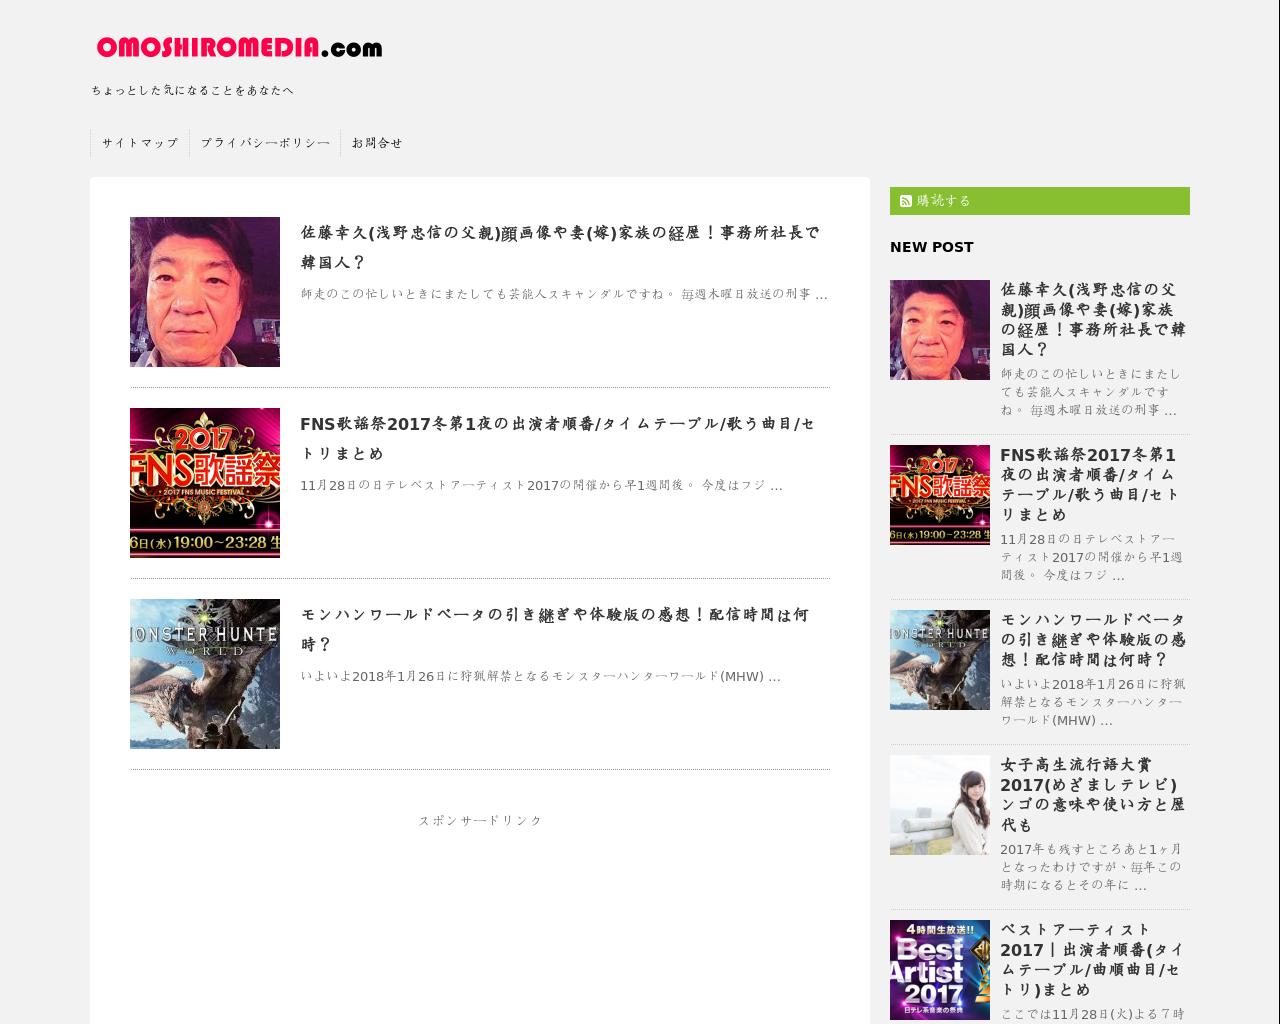 omoshiromedia.com(2017/12/01 02:40:24)